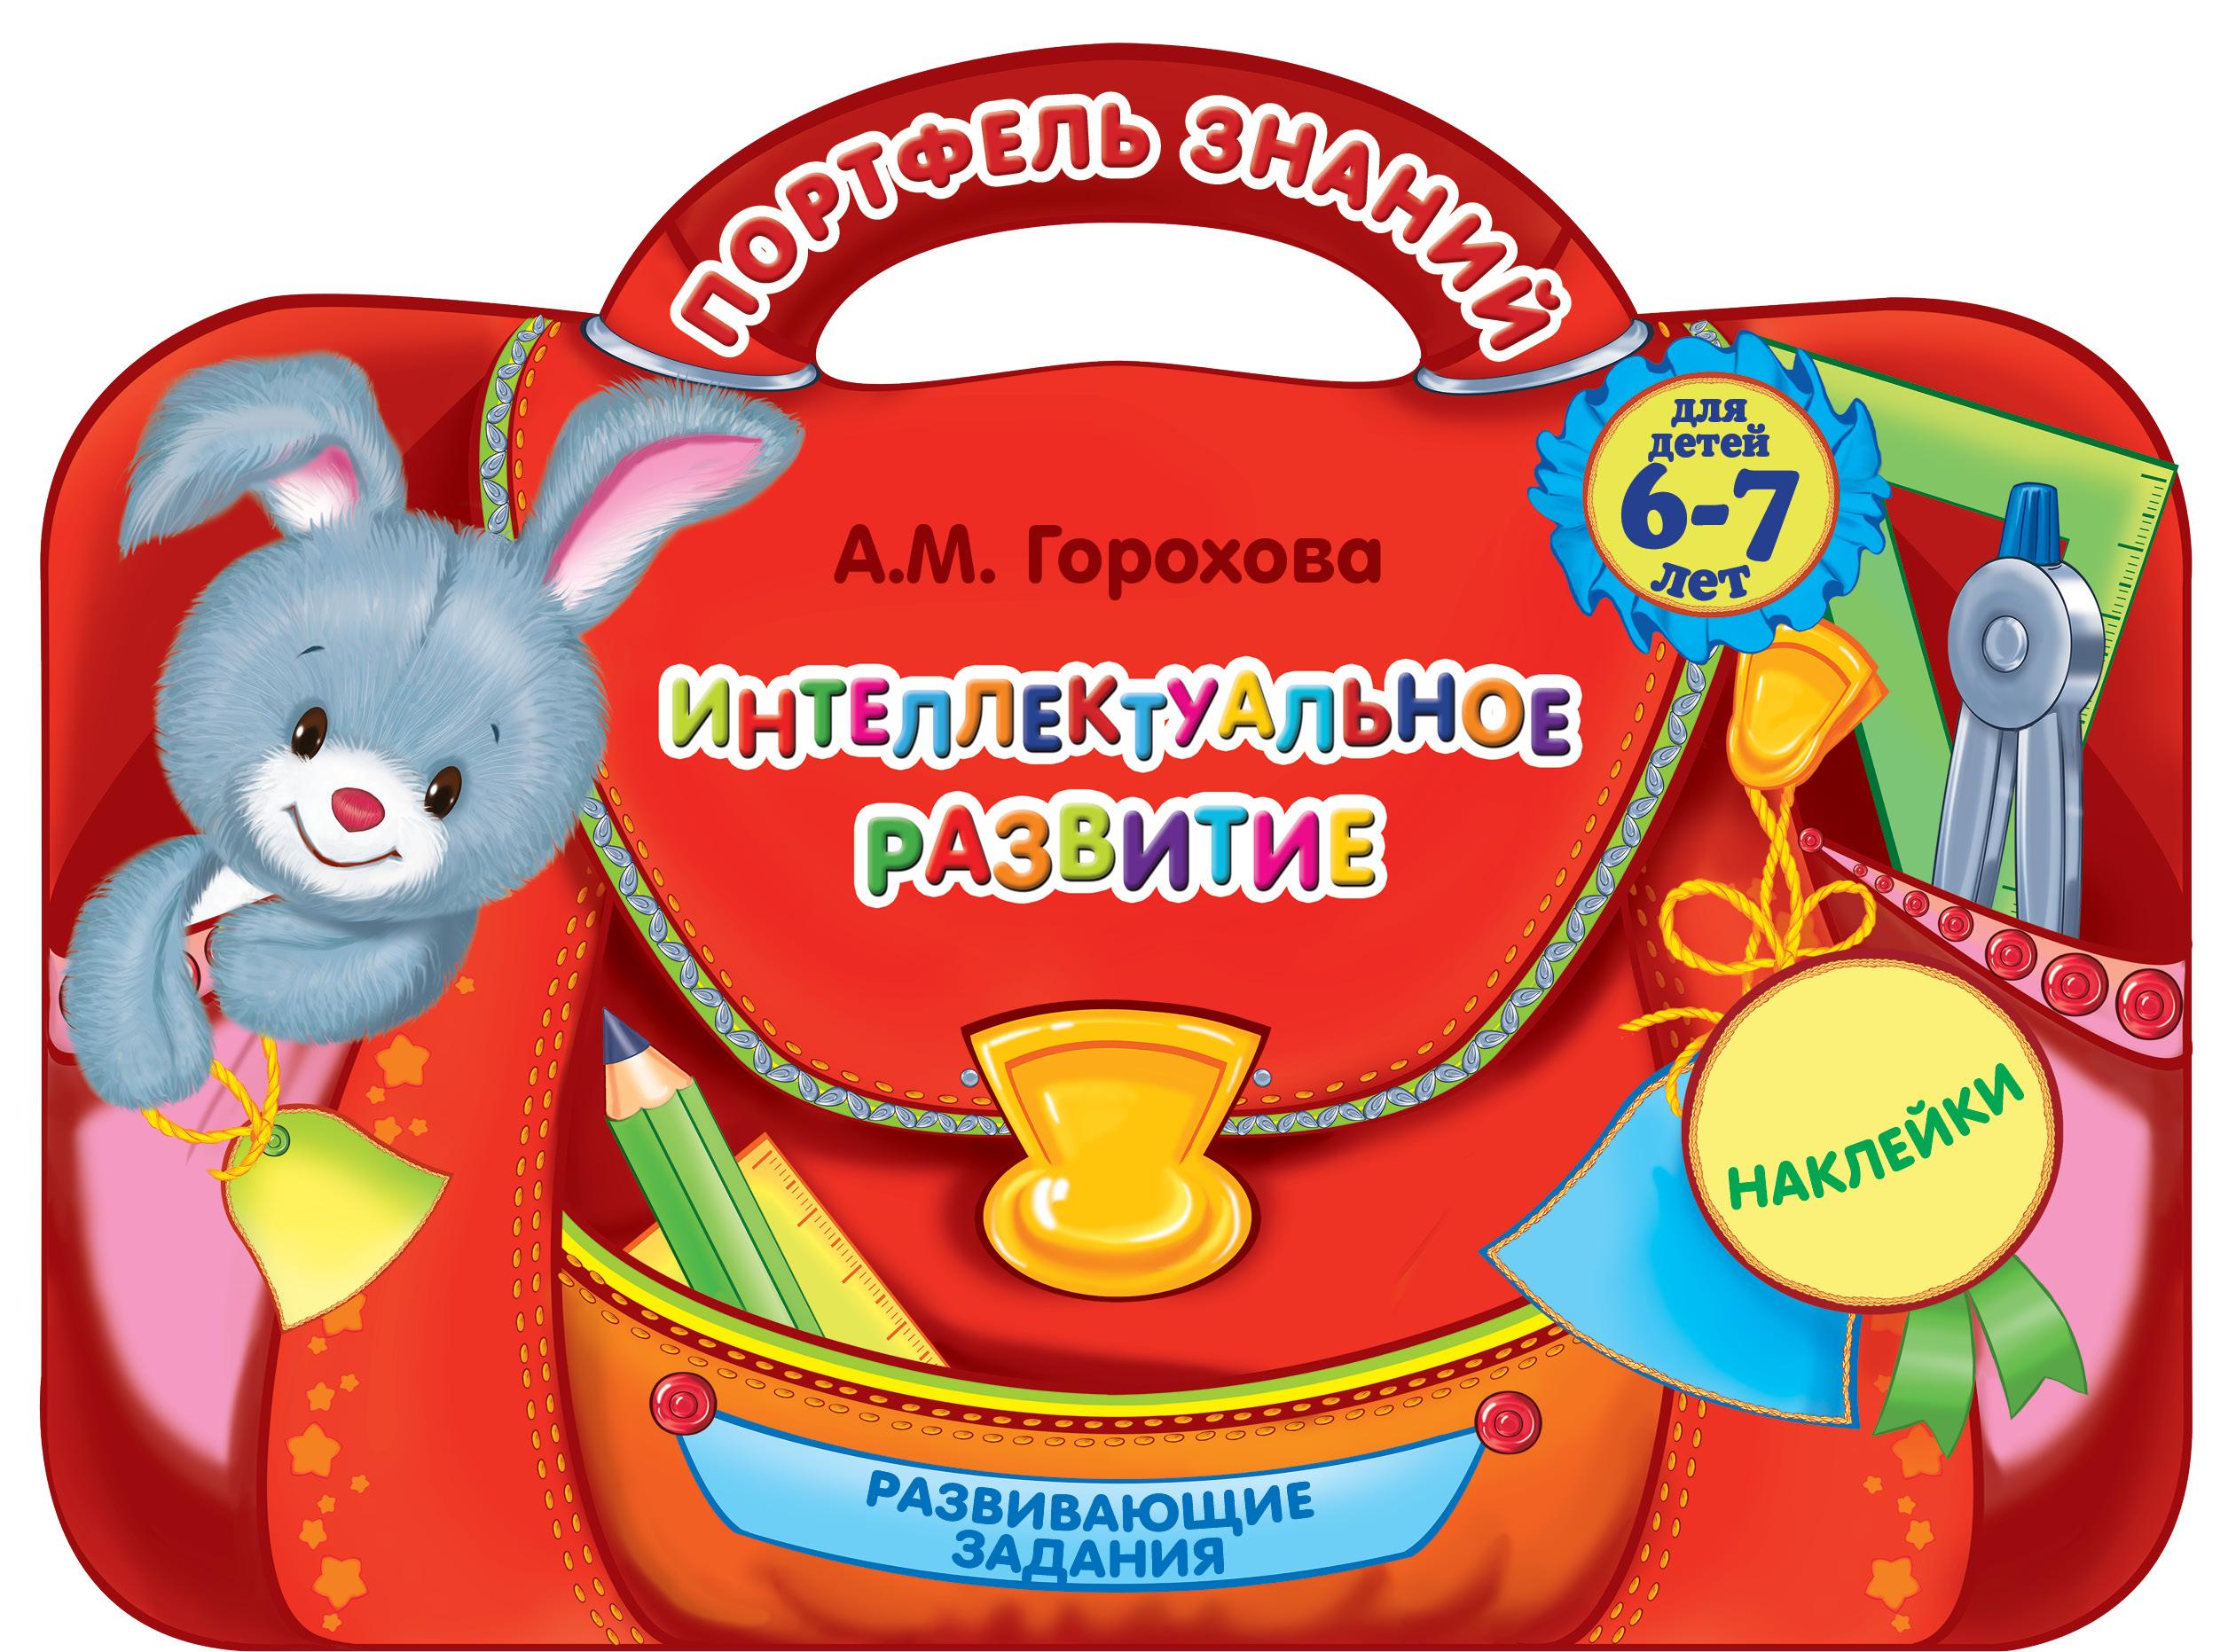 Горохова А.М. Интеллектуальное развитие: для детей 6-7 лет эксмо интеллектуальное развитие для детей 6 7 лет